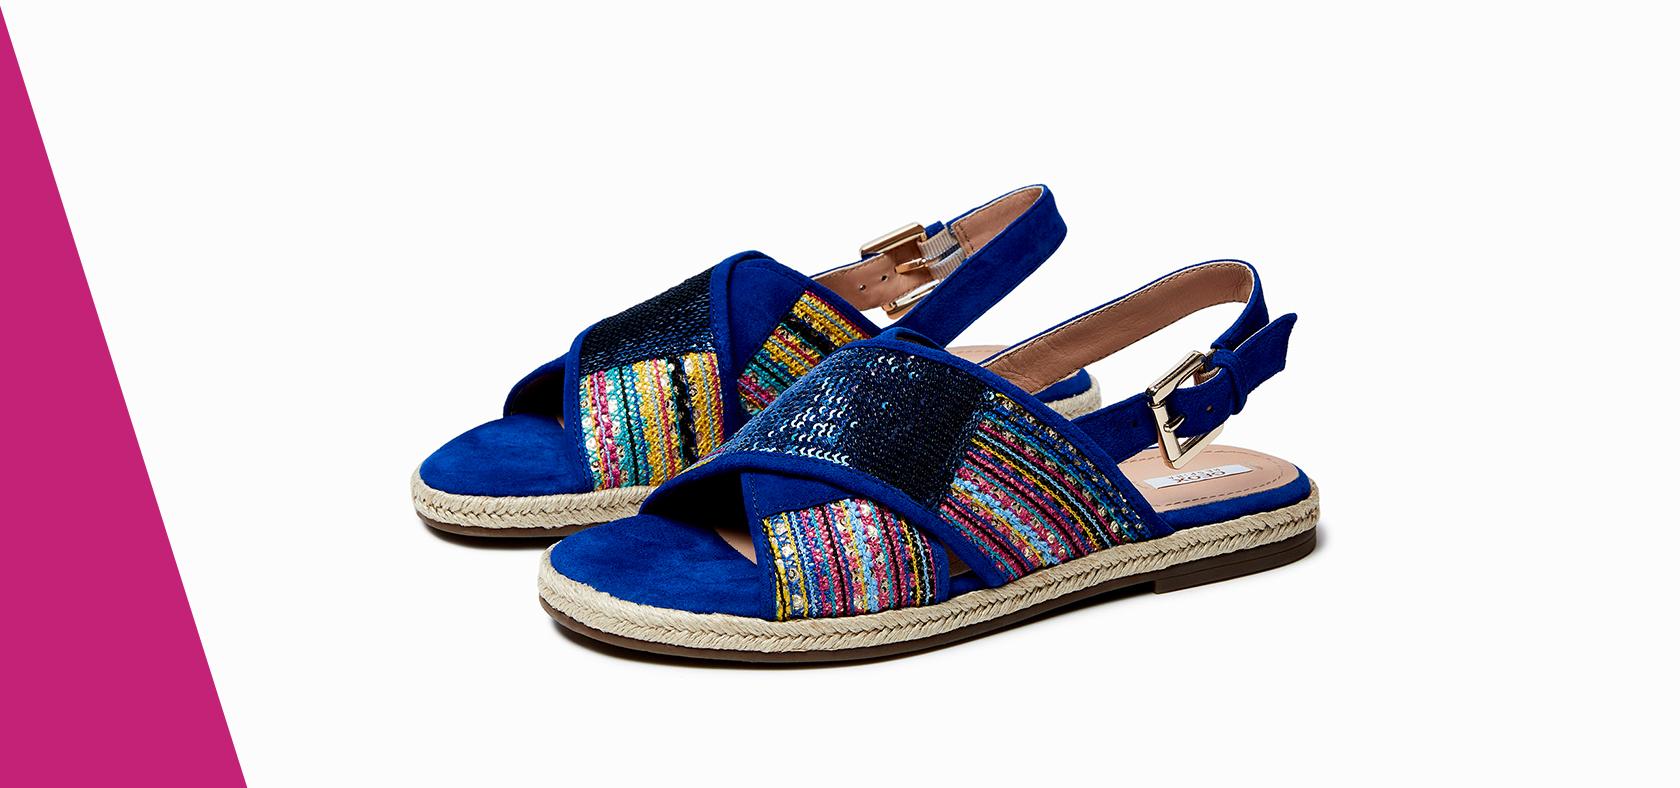 04fcebb6bc02f2 BASSI. Grazie alla speciale suola perforata, i sandali bassi donna Geox ...